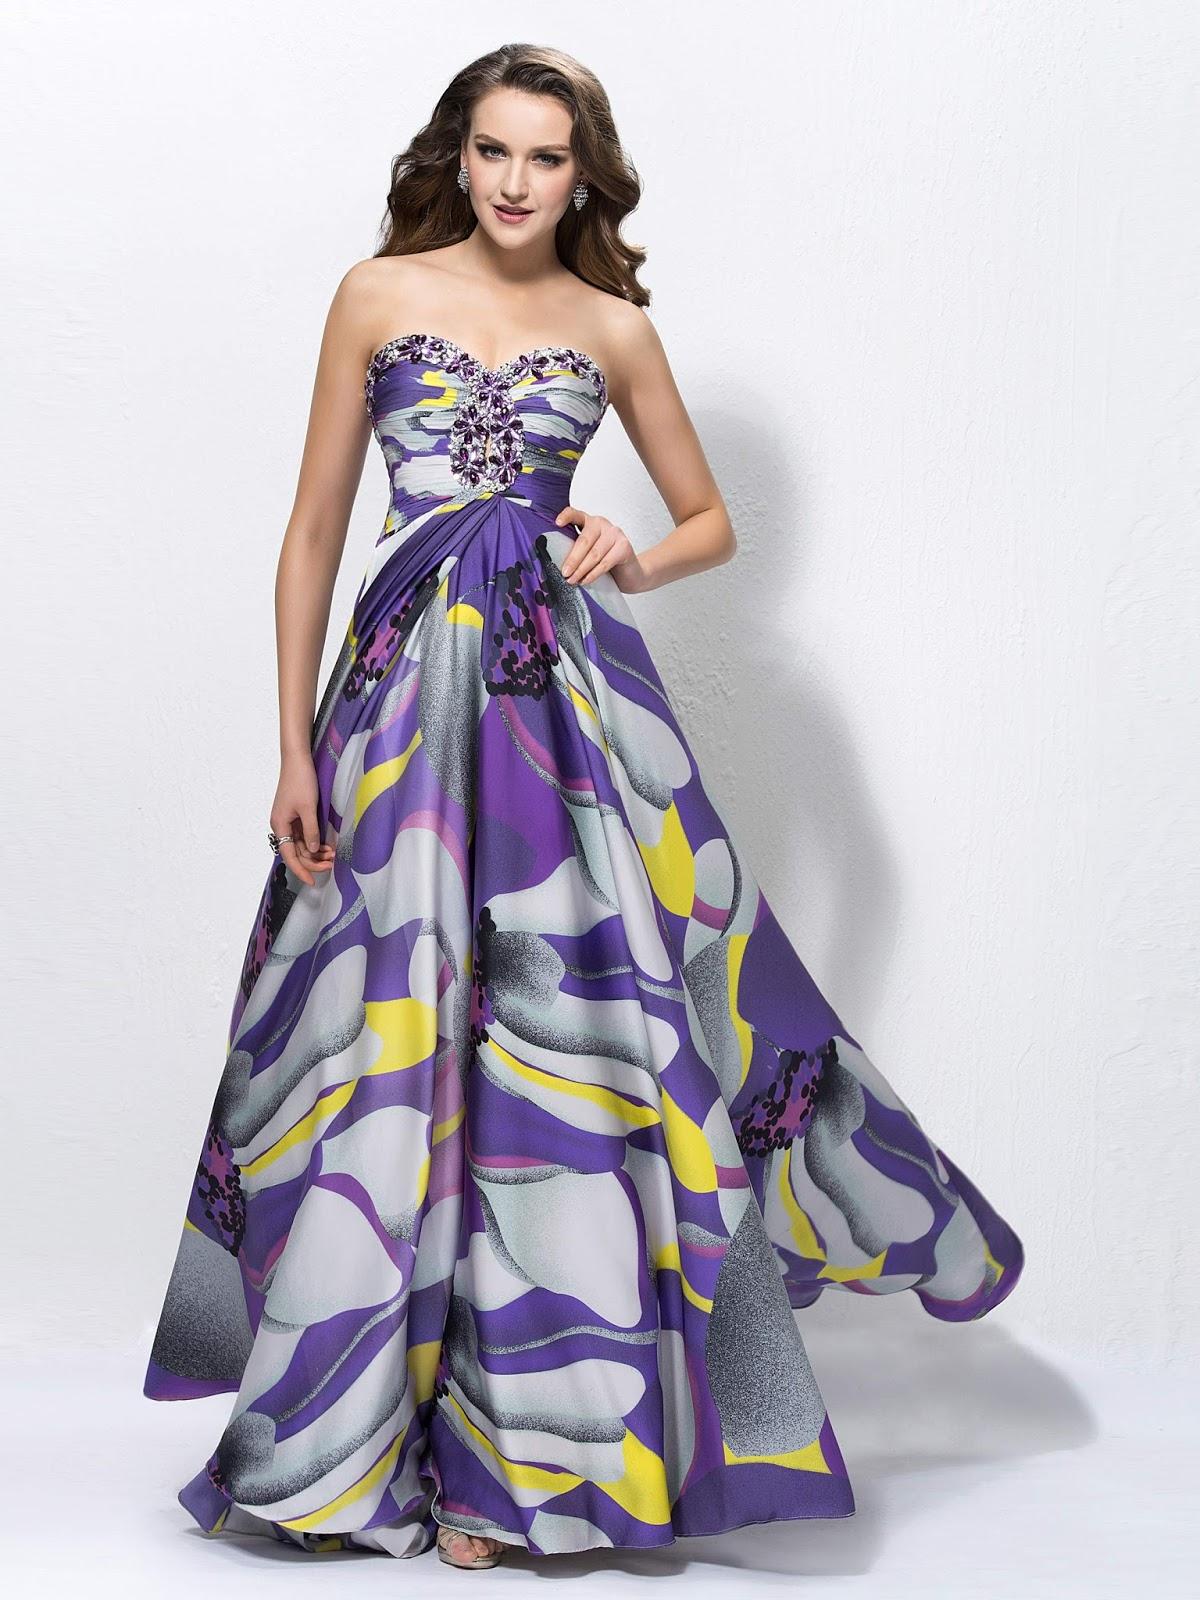 Charming A-line Floor-length Sweetheart Sequins Zipper-up Pattern Designer/Evening Dress, vestido de festa, party dress